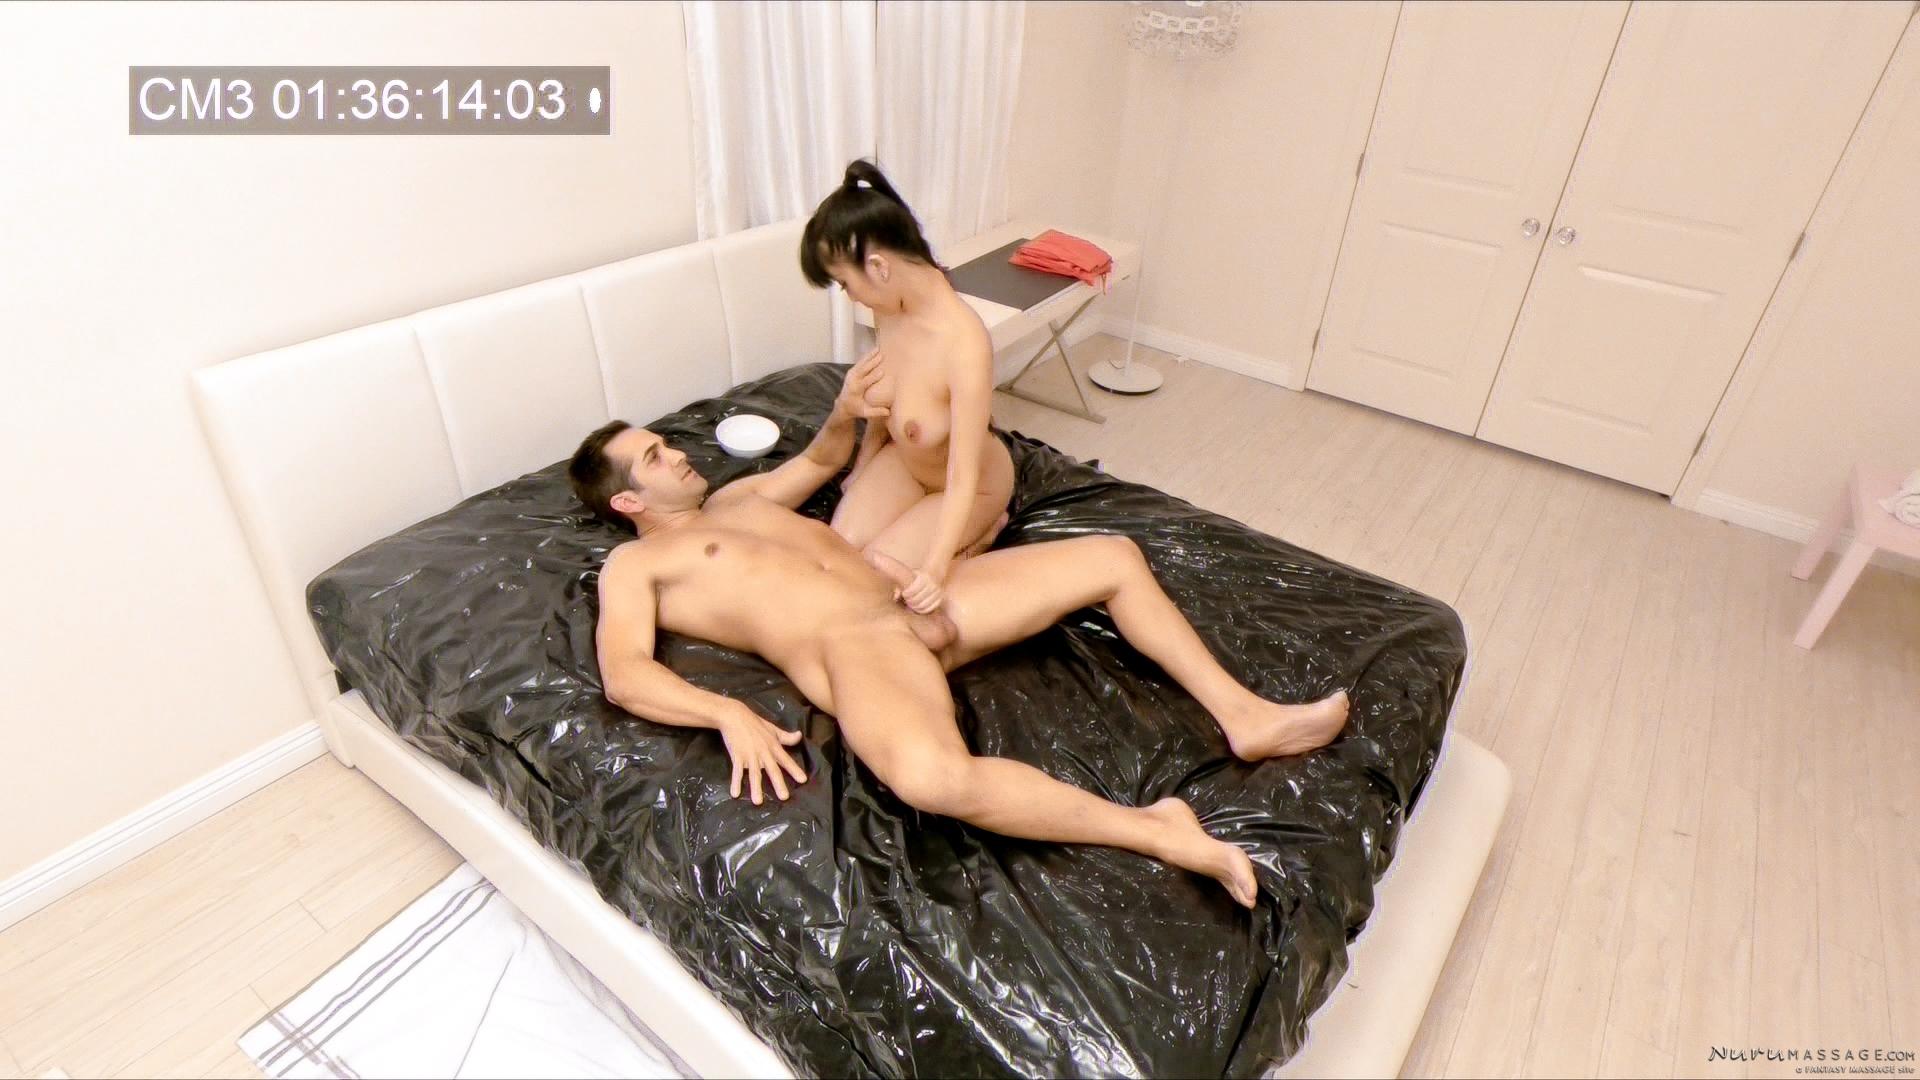 Asiatinnen Pornos. Galerie - 1527. Foto - 7